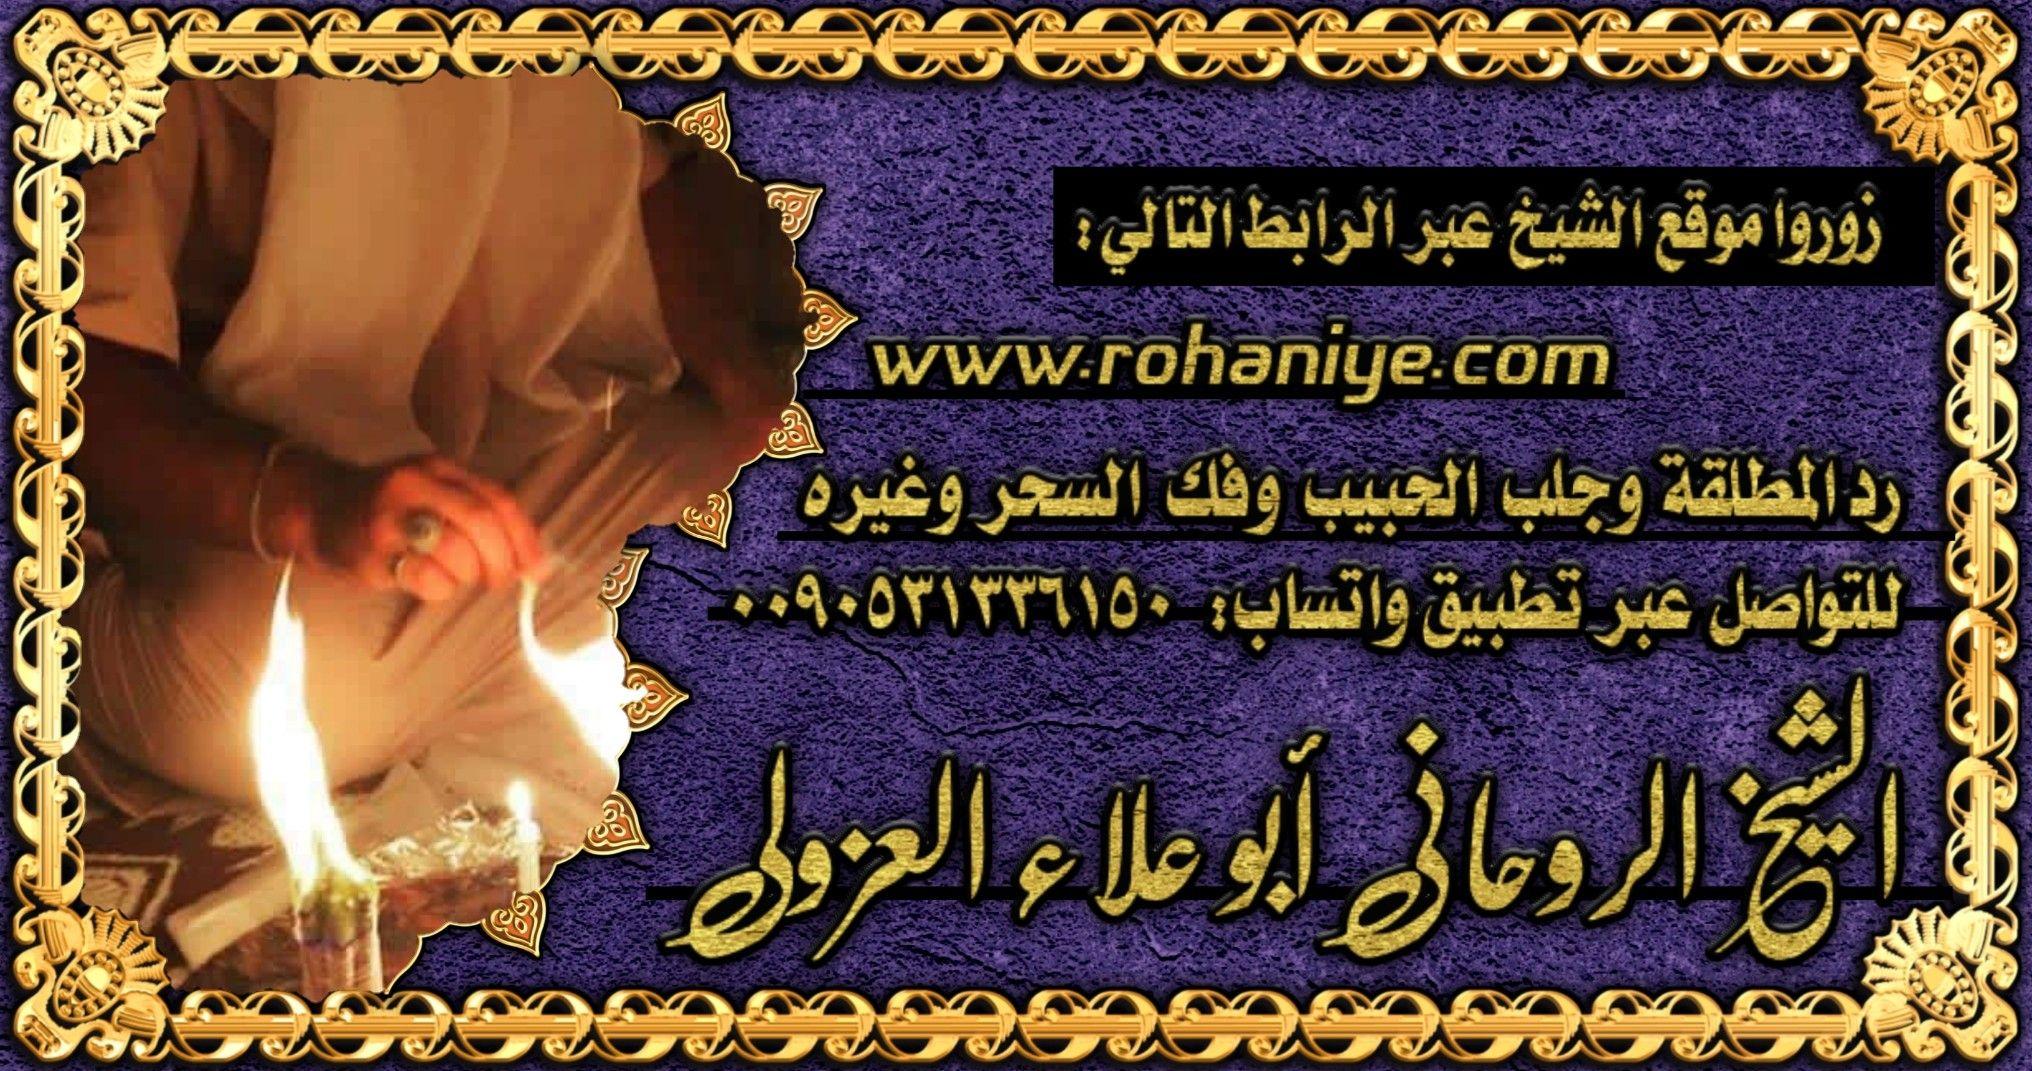 00905313351016 واتساب الشيخ شخصيا وموقعه على الإنترنت Www Rohaniye Com Movie Posters Movies